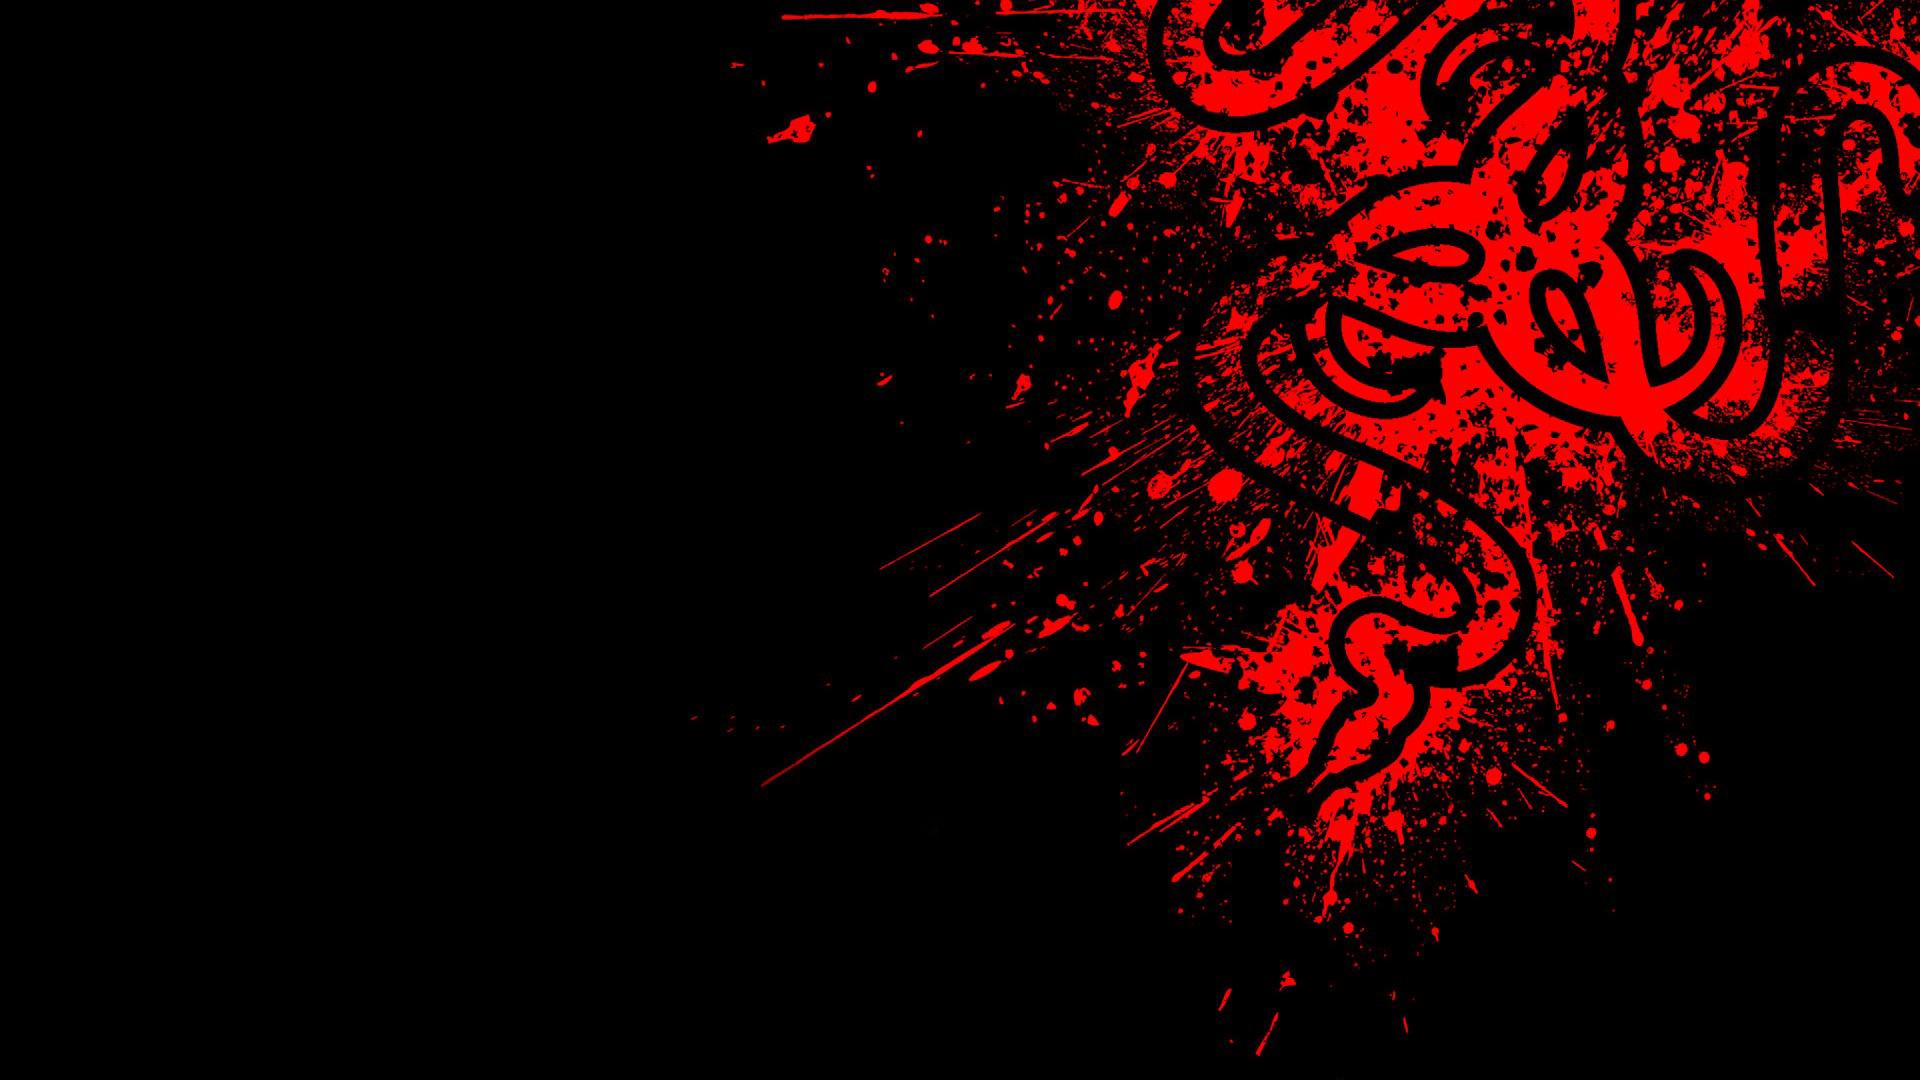 1920x1080 Red Black Spiderman Laptop Full HD 1080P HD 4k